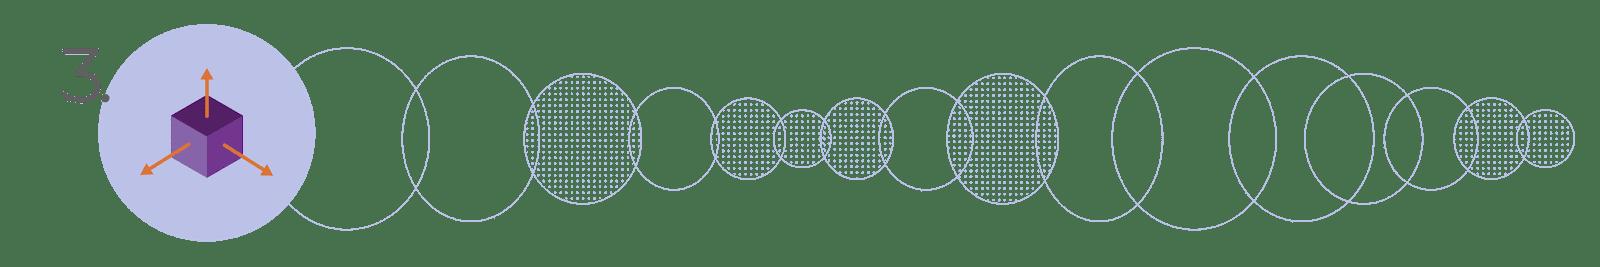 Mesh 2.0 e convergência com APIs